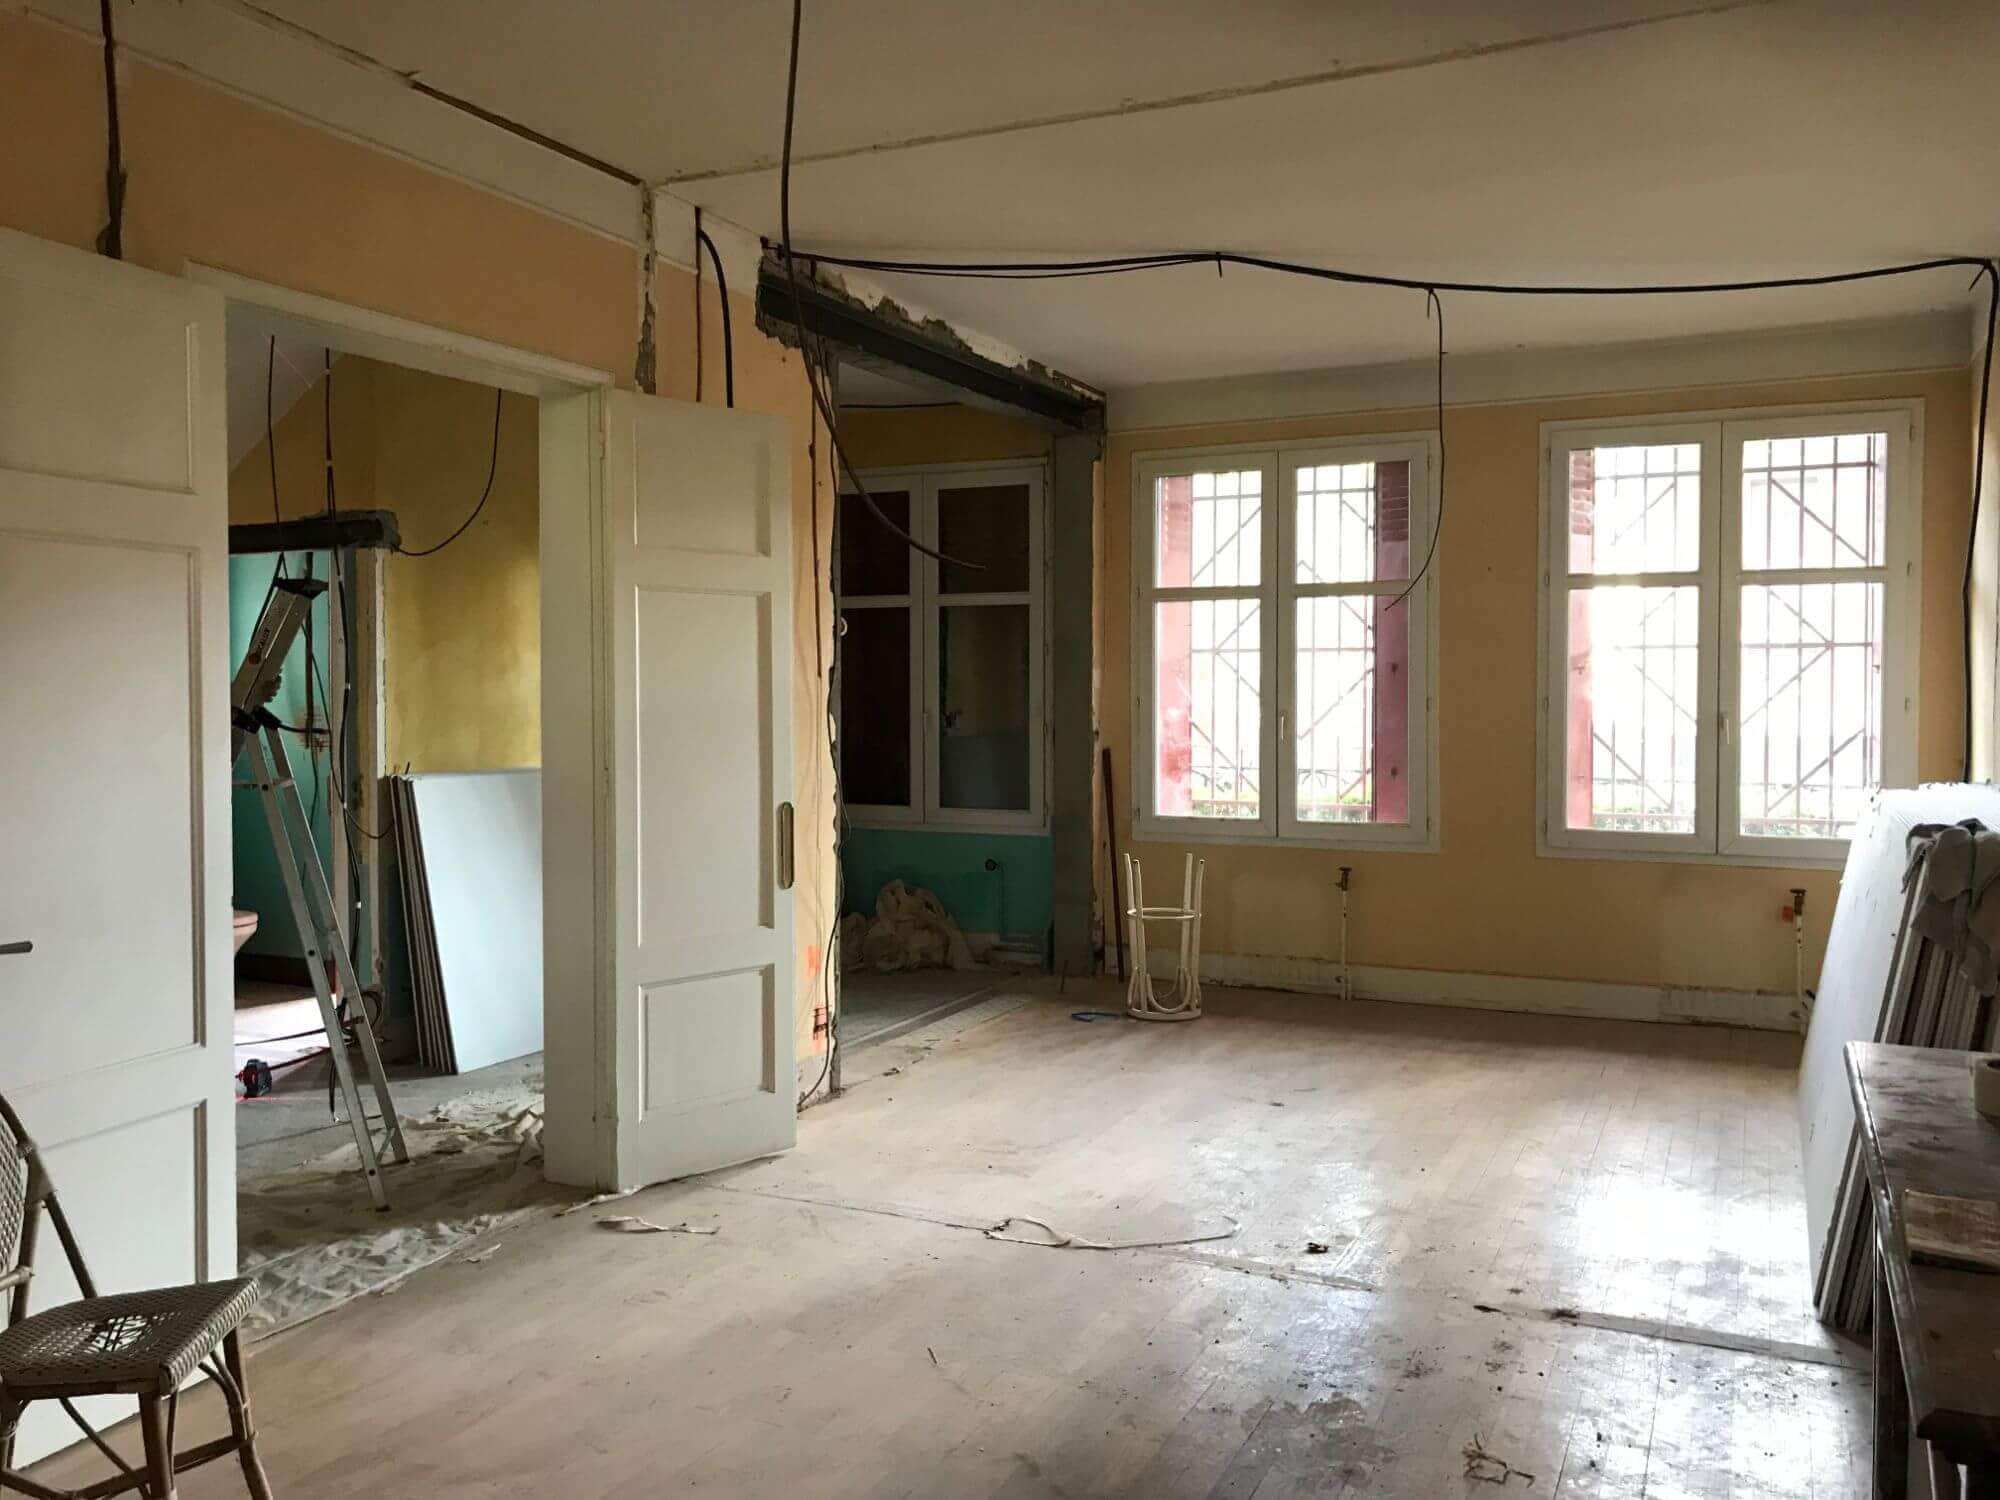 Rénovation Maison, Salon, Rénovation tous corps d'état, Toulouse